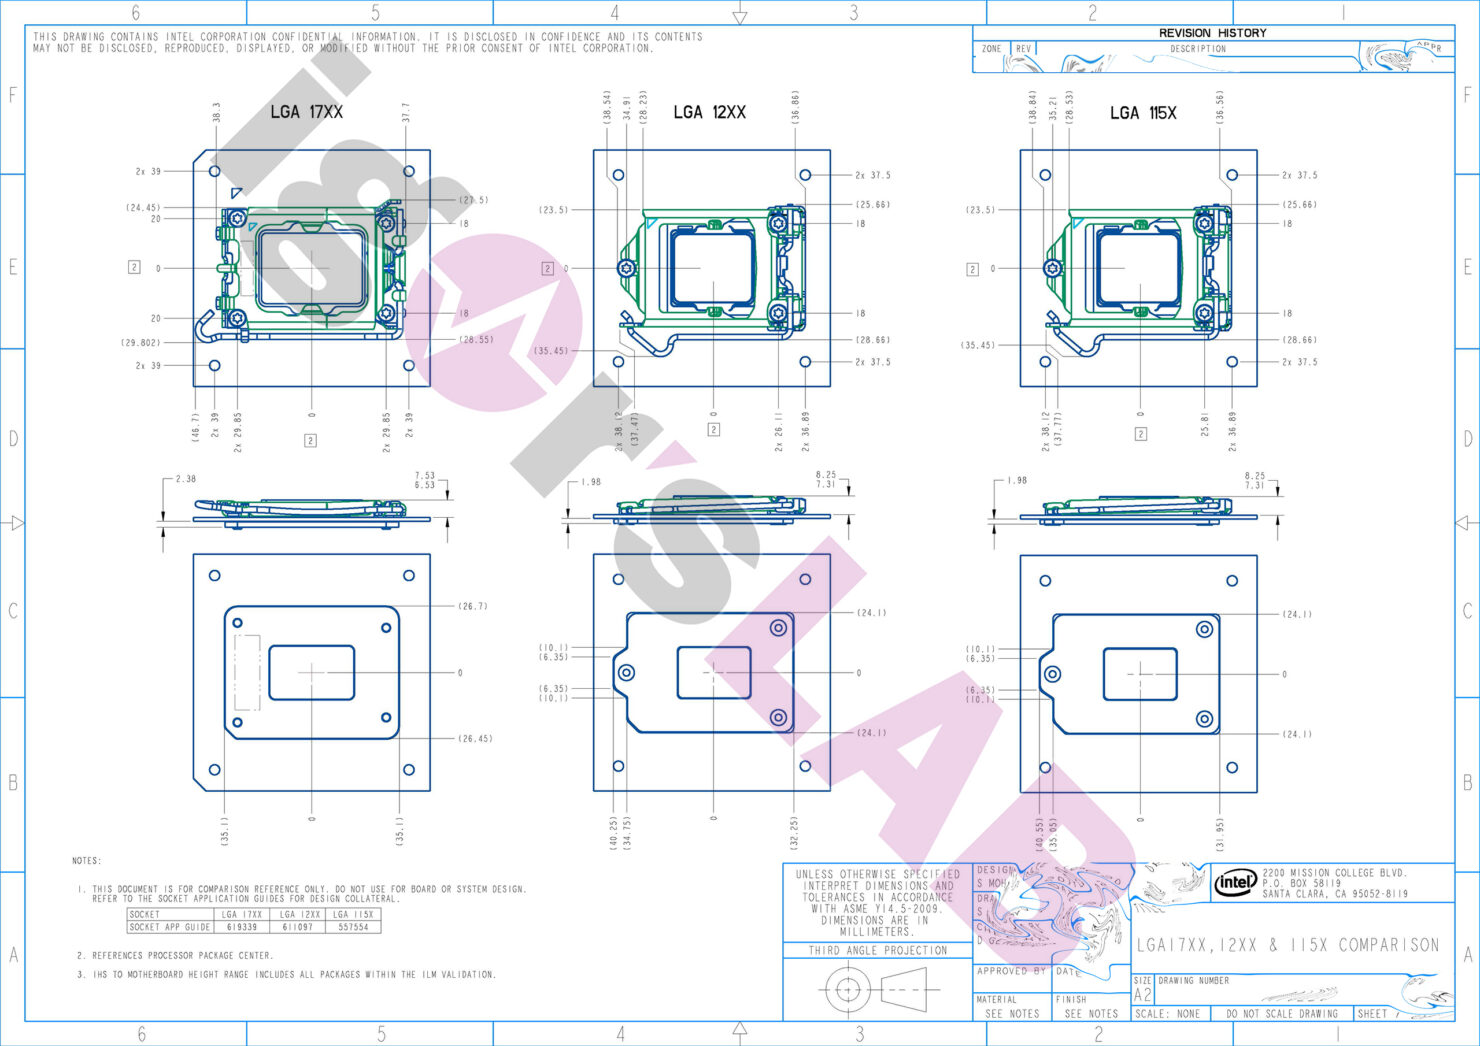 intel-lga-1700-lga-1800-desktop-cpu-socket-leak-alder-lake-_3